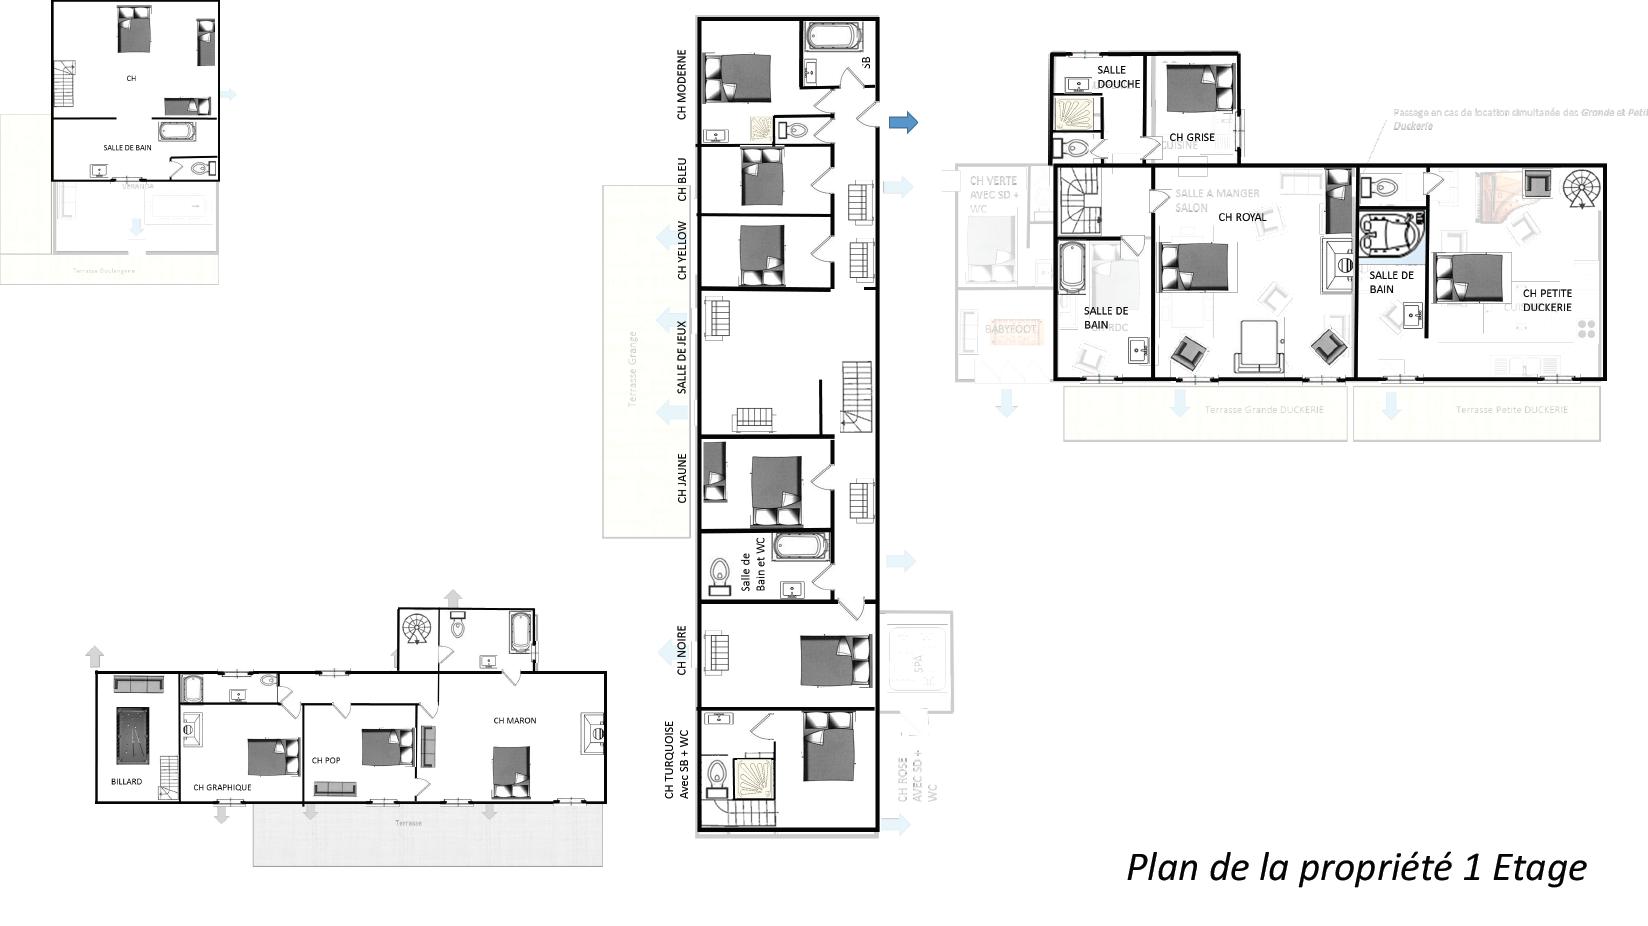 Plan la Duckerie 1er etage - GITE LA DUCKERIE - Location de Gite La Clef Decamp - Laclefdecamp.fr